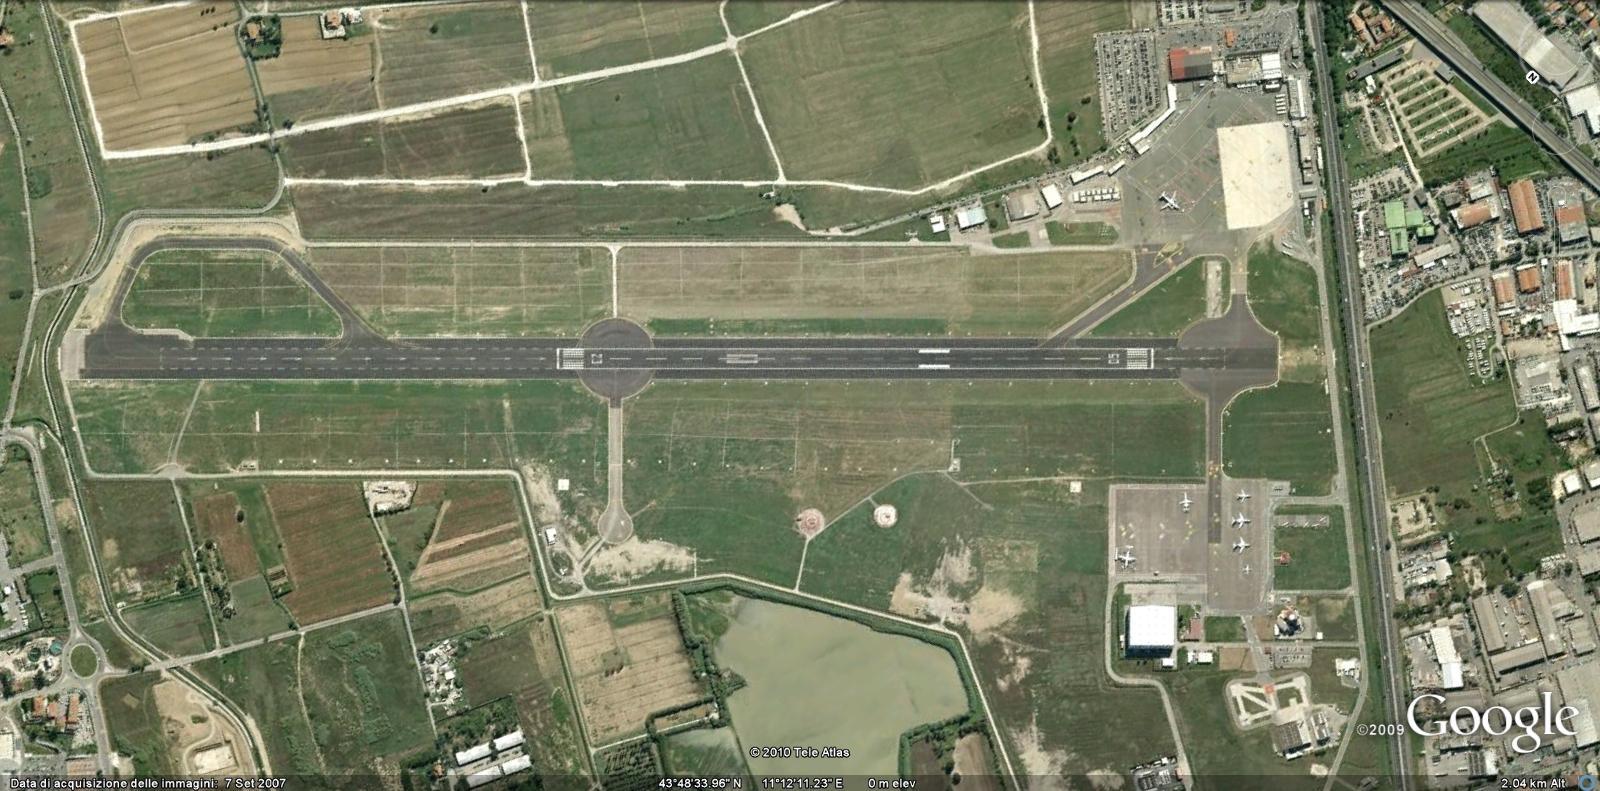 luchthaven Firenze